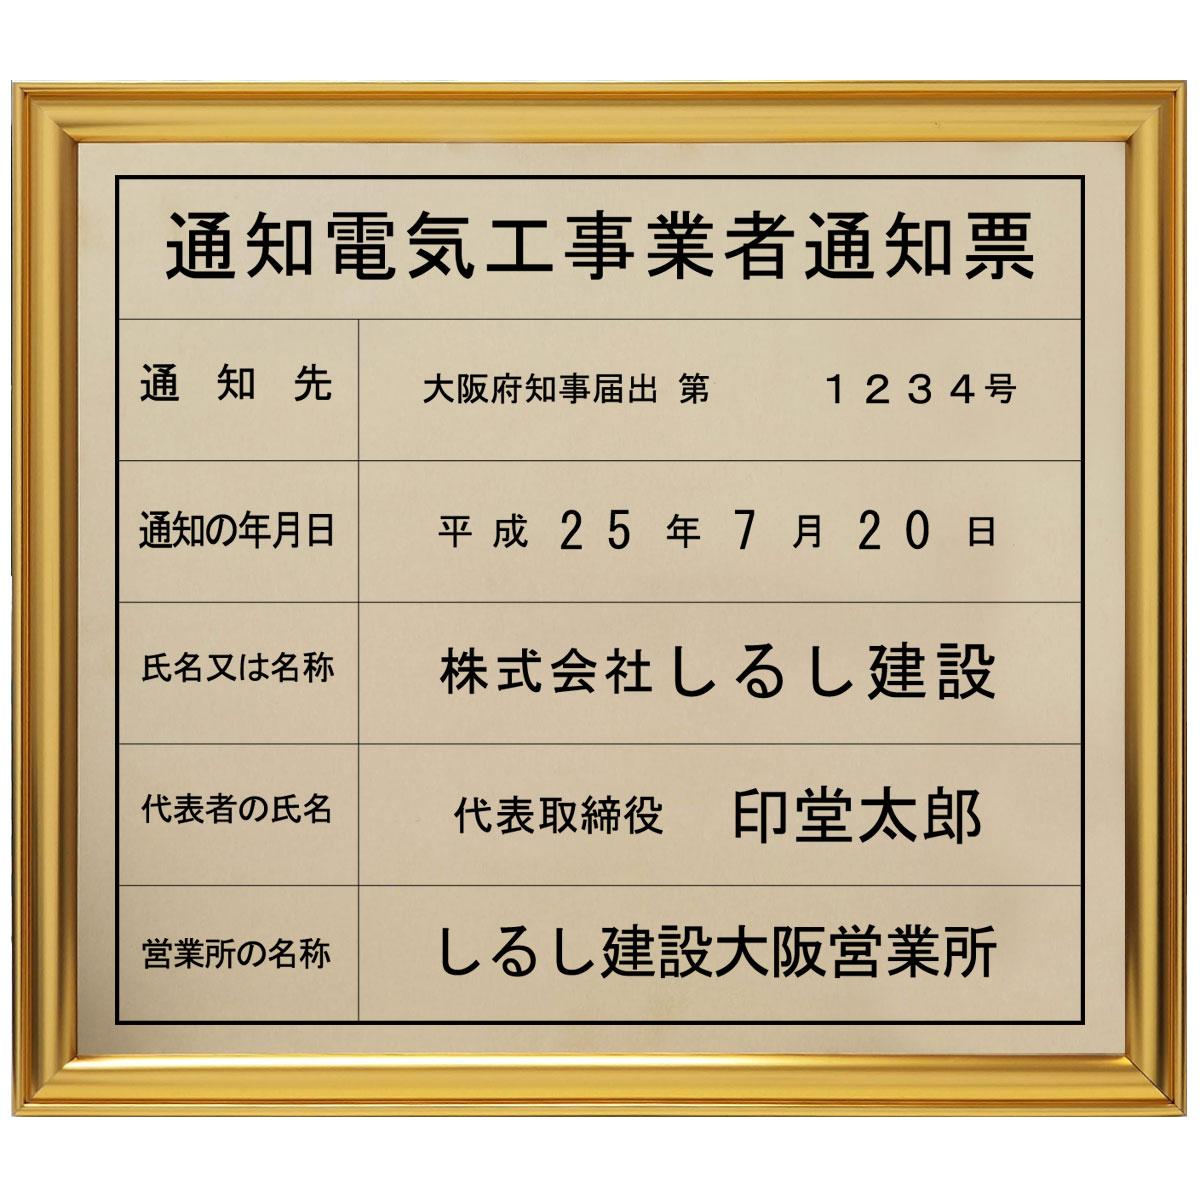 画像1: 通知電気工事業者通知票真鍮(C2801)製プレミアムゴールド (1)